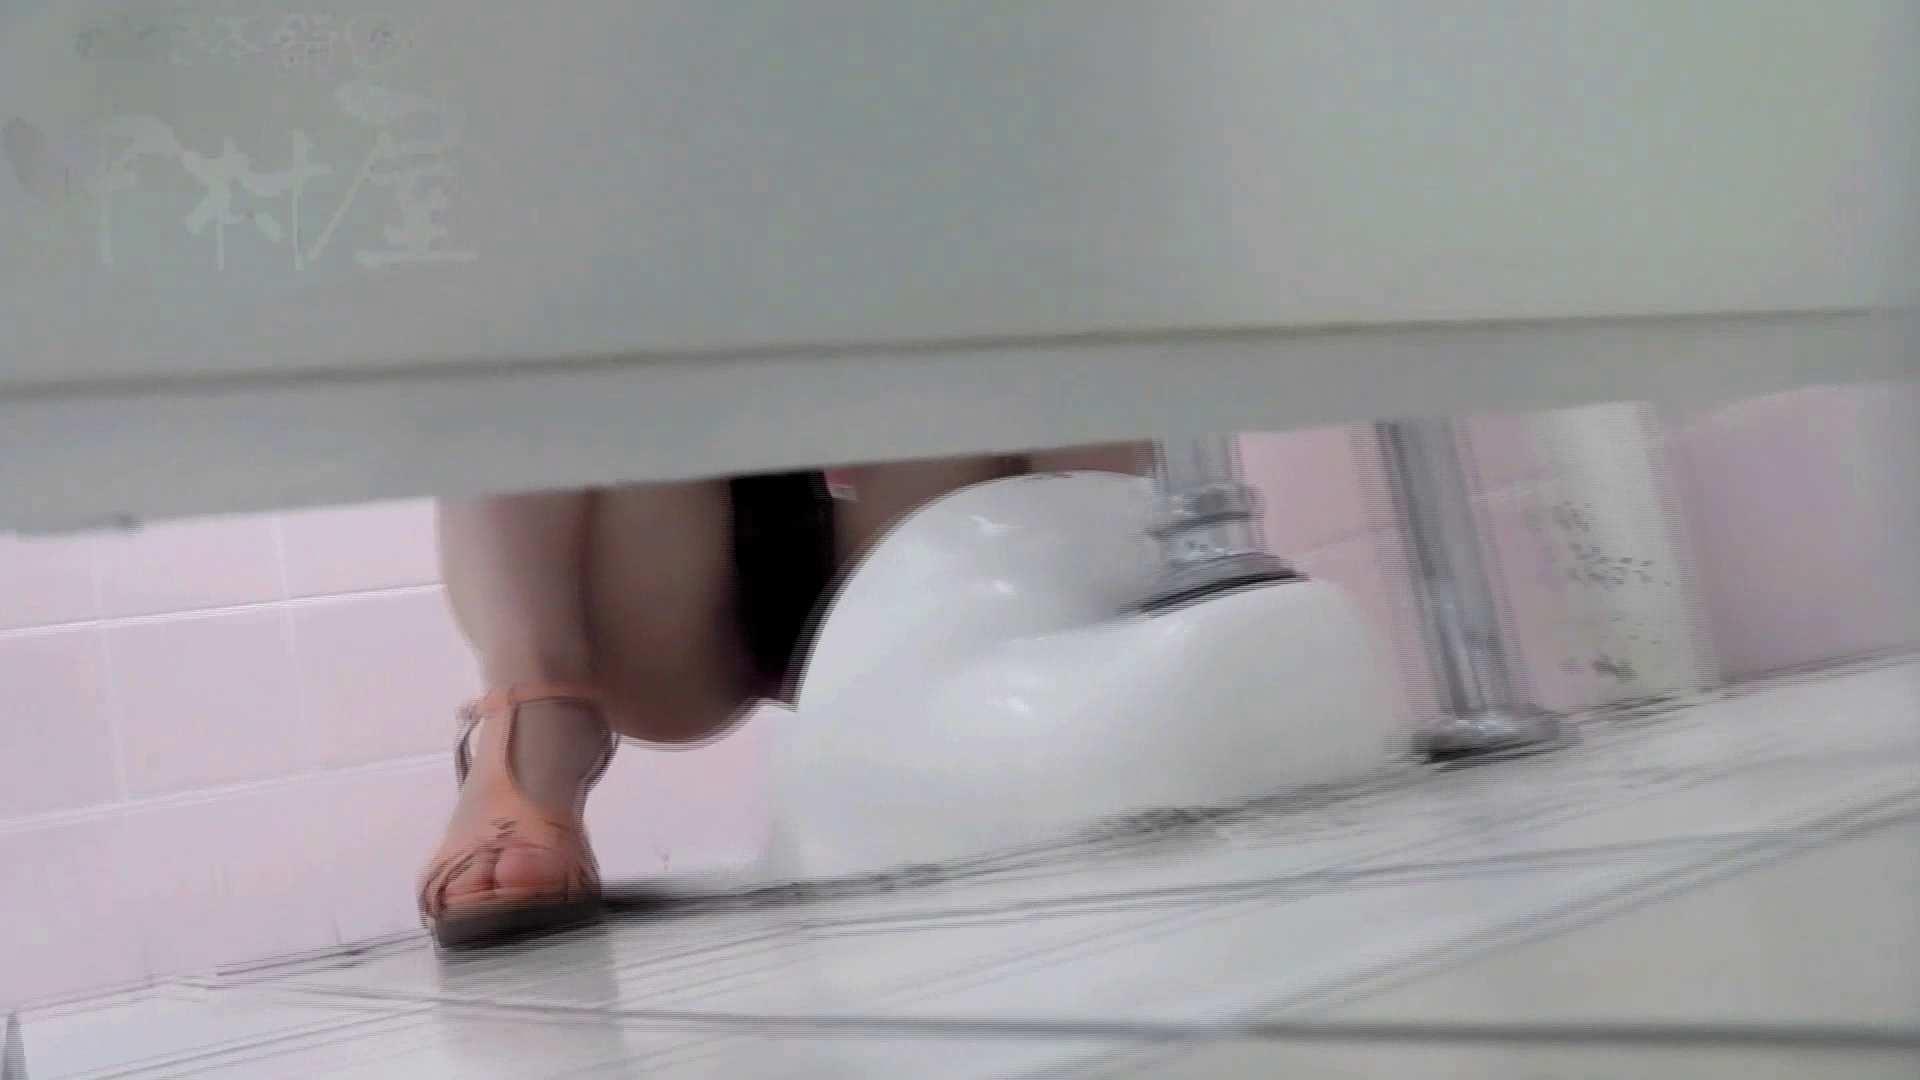 美しい日本の未来 No.17 番外編 ※※※閲覧注意※※※ 盗撮 エロ画像 64連発 2